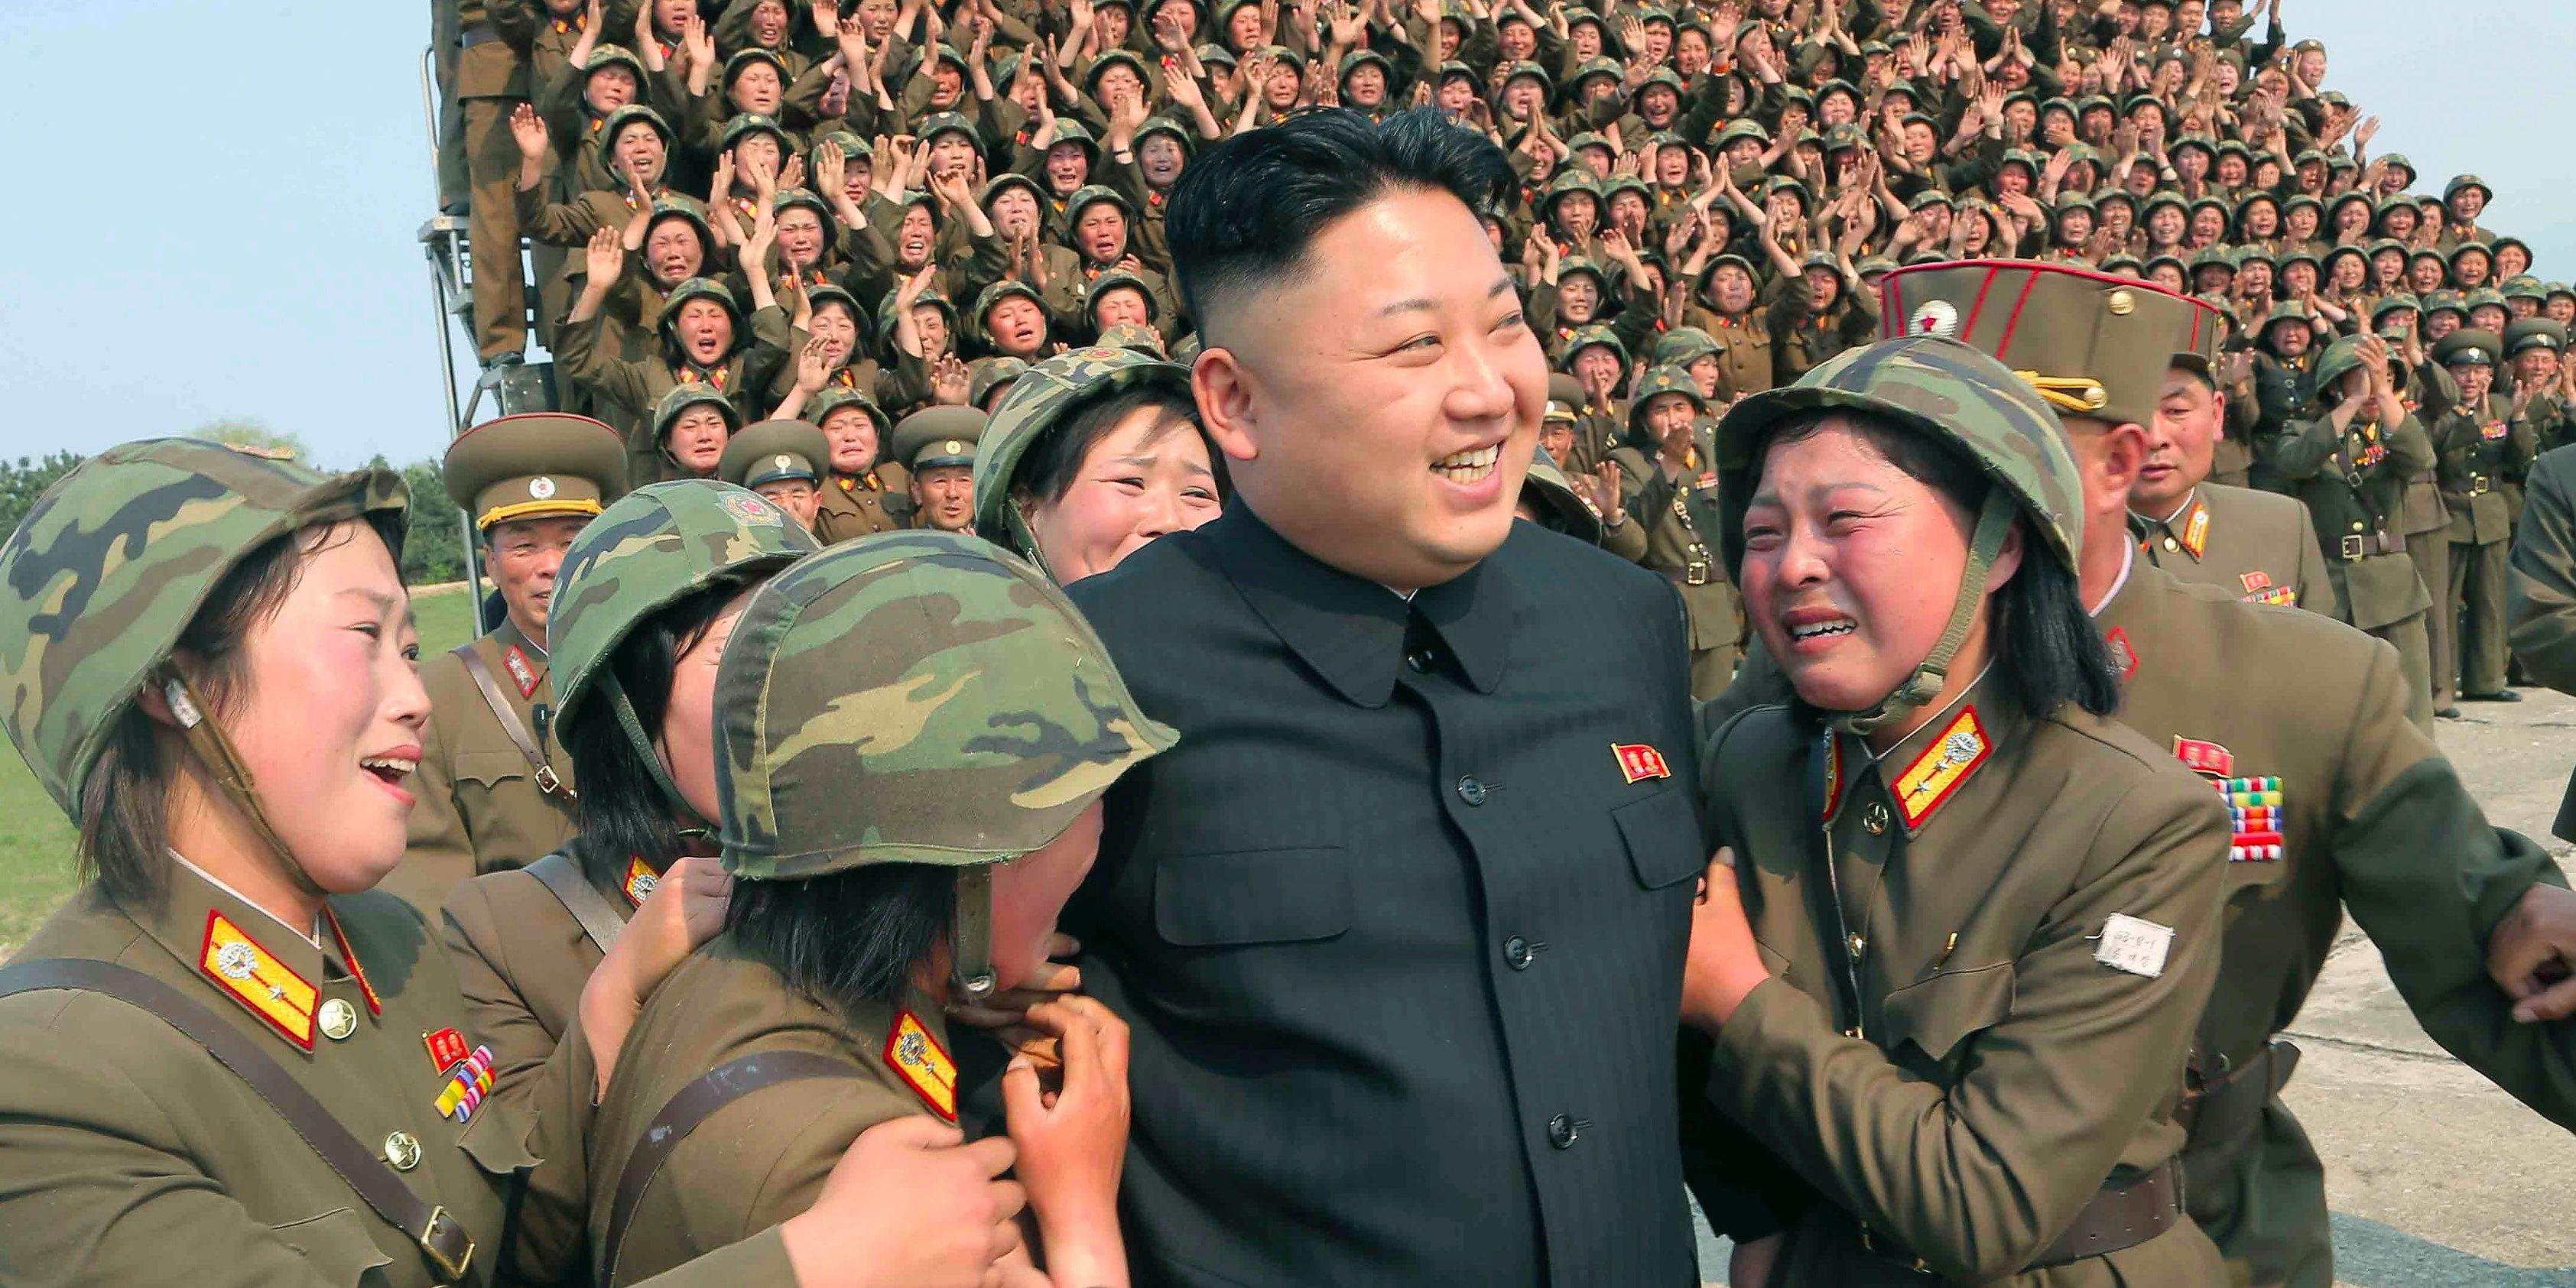 Canalele de comunicare directă dintre SUA şi Coreea de Nord sunt deschise: Washingtonul aşteaptă un semn de la Kim Jong-Un